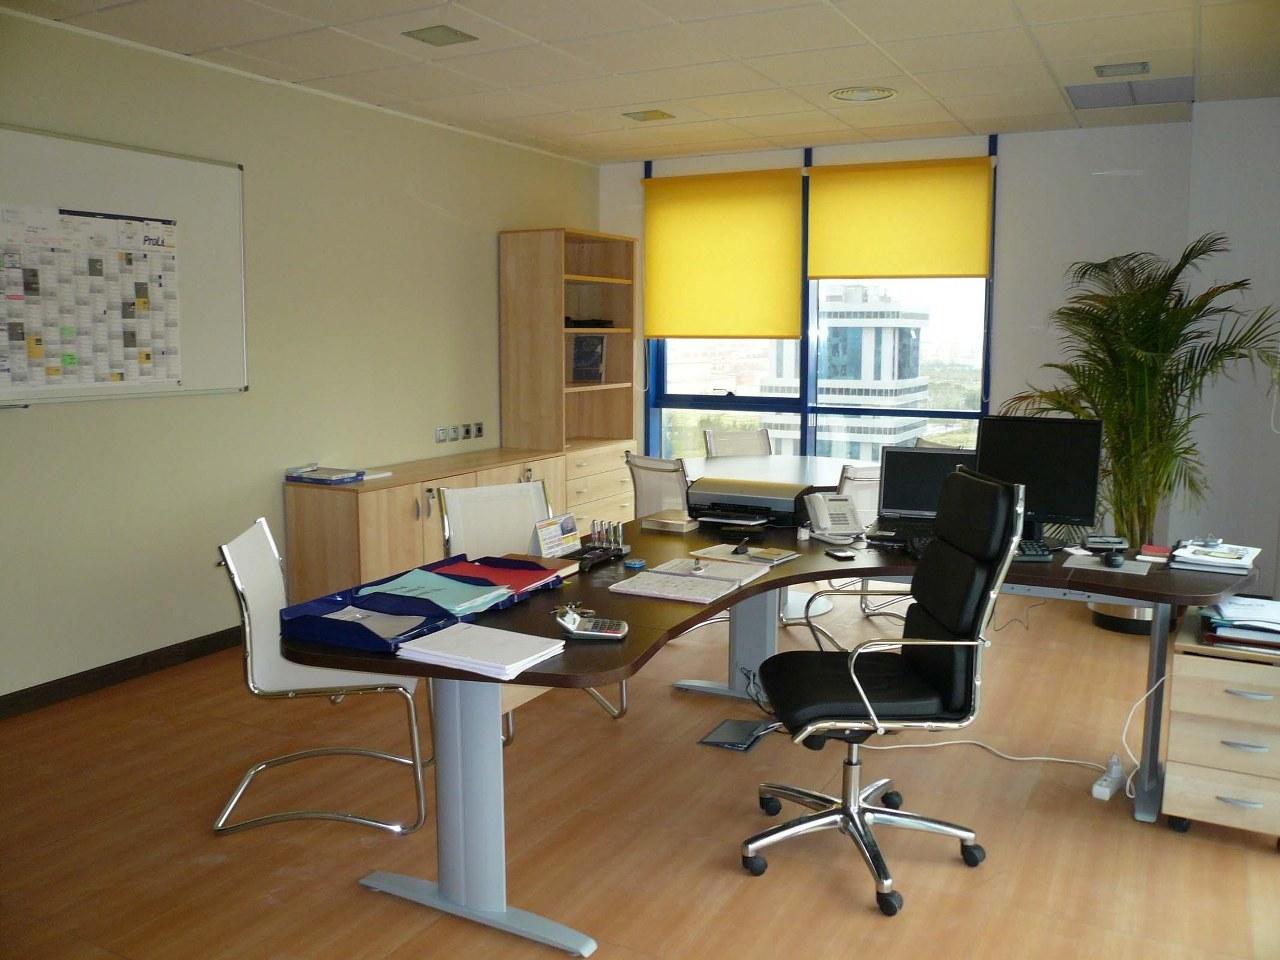 Sevilla oficinas proleit ac2bcn estudio de for Oficinas bankinter sevilla